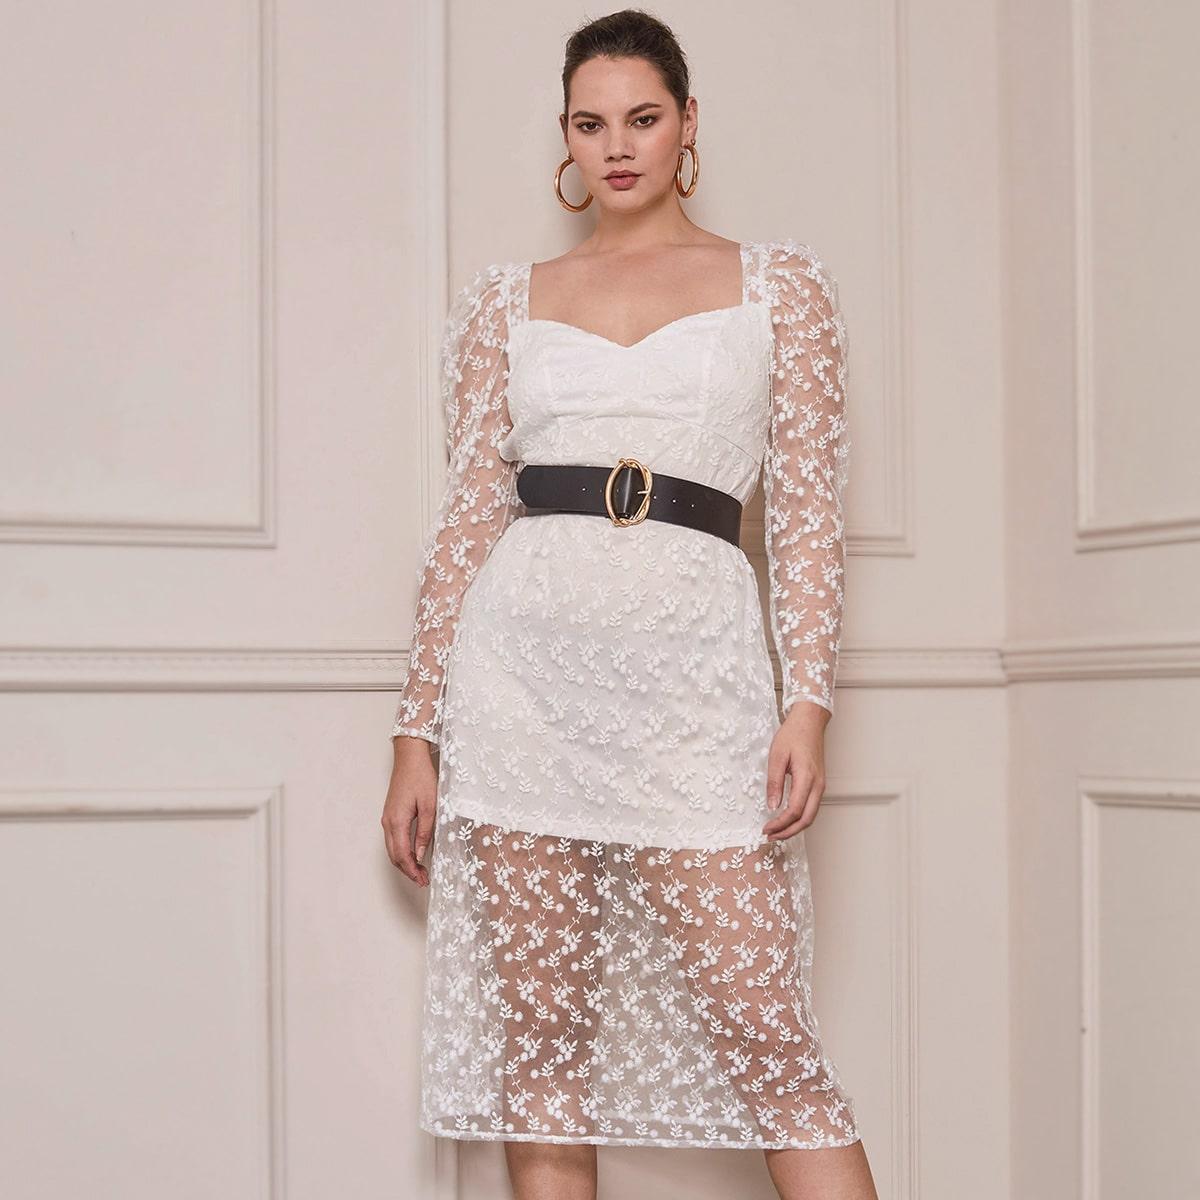 Вышивка Цветочный Элегантный Платья размер плюс